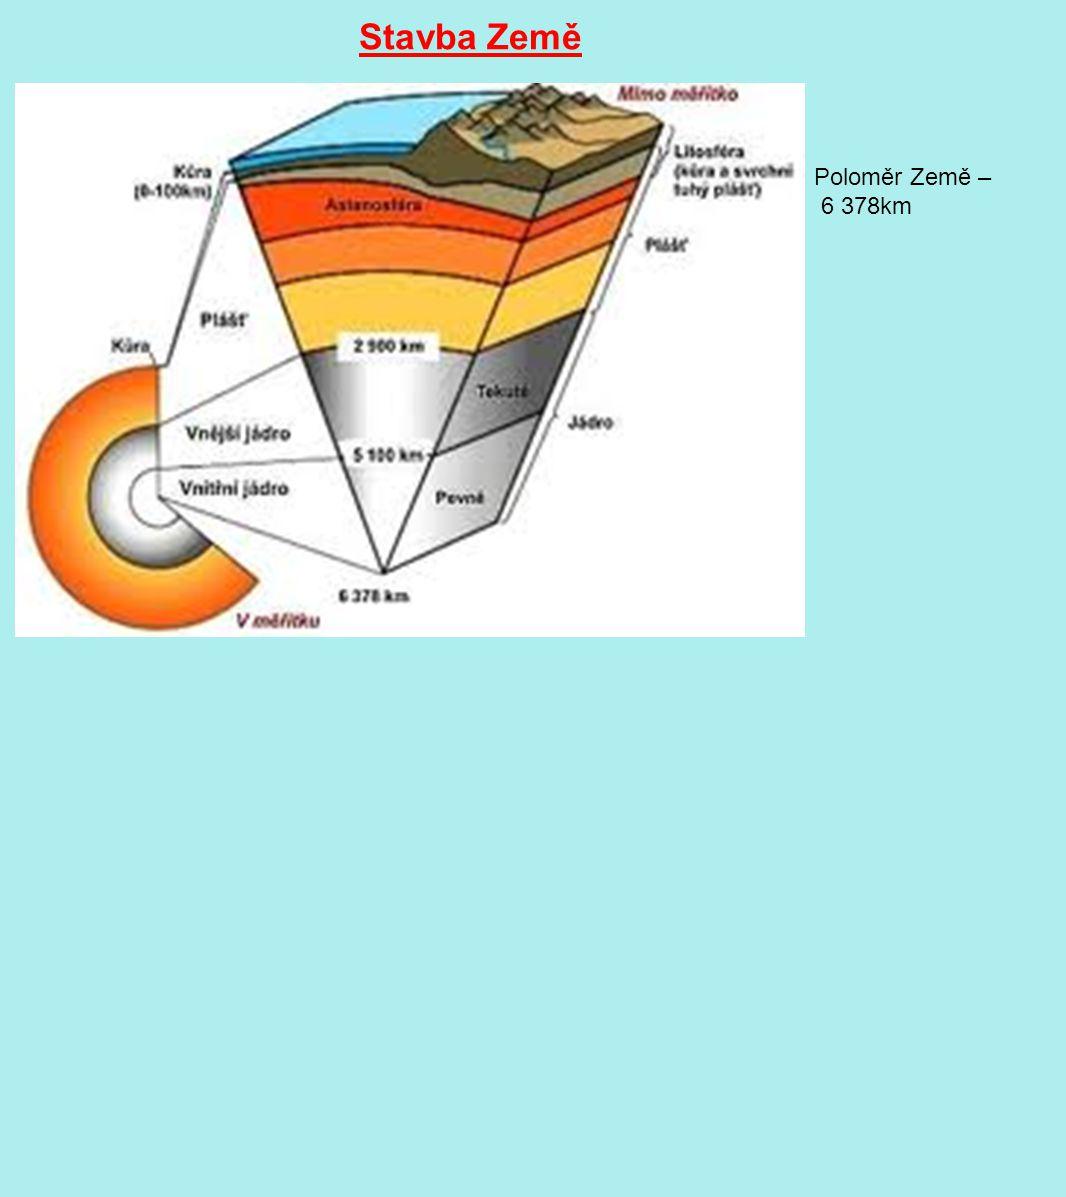 Stavba Země Poloměr Země – 6 378km